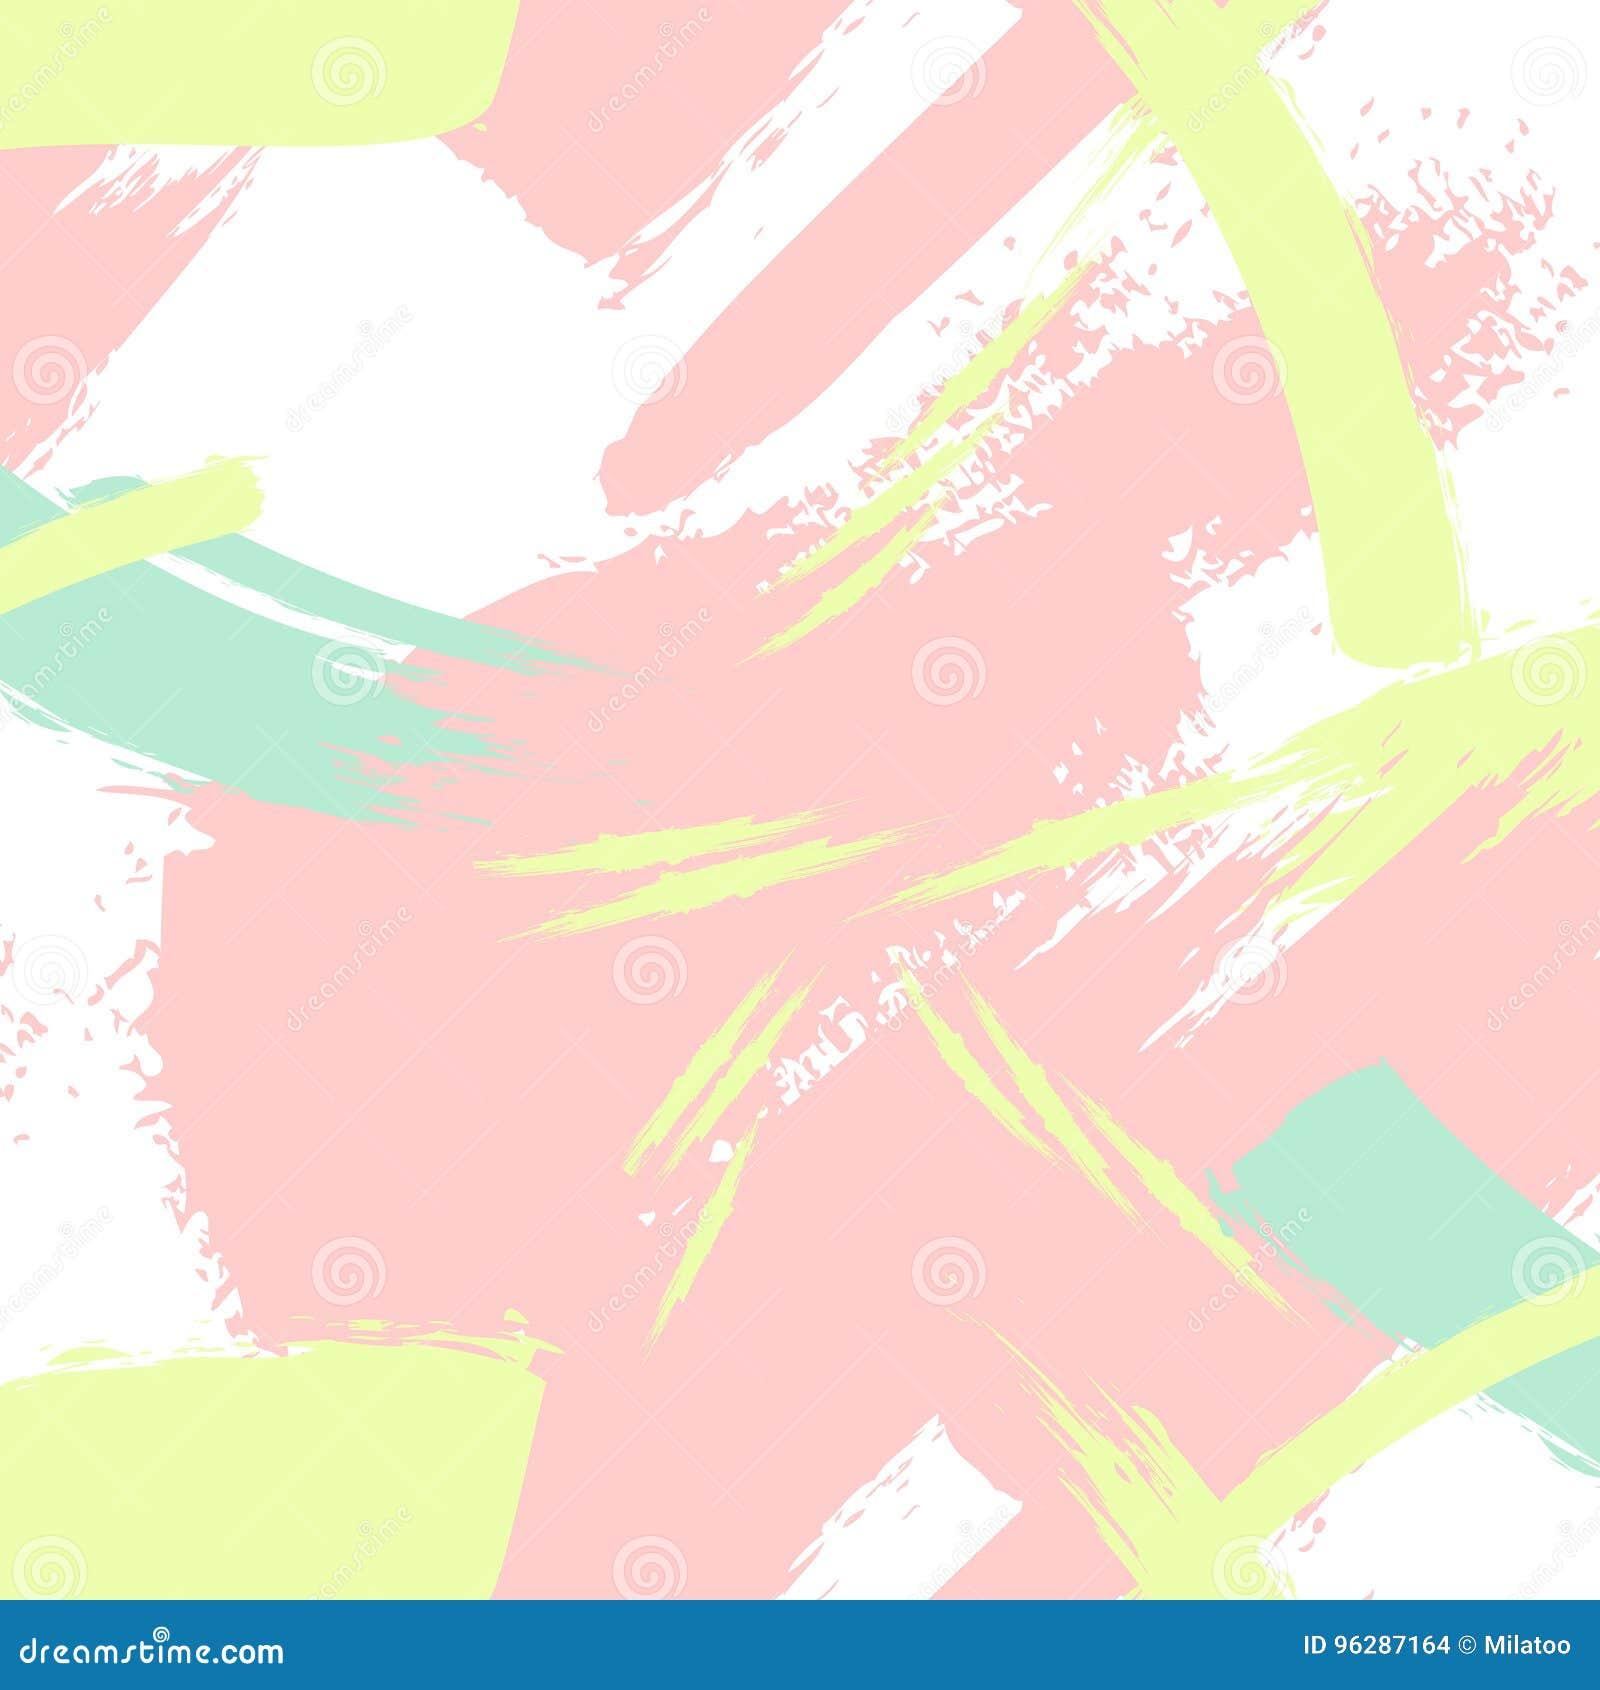 Hintergrund einfarbig pastell